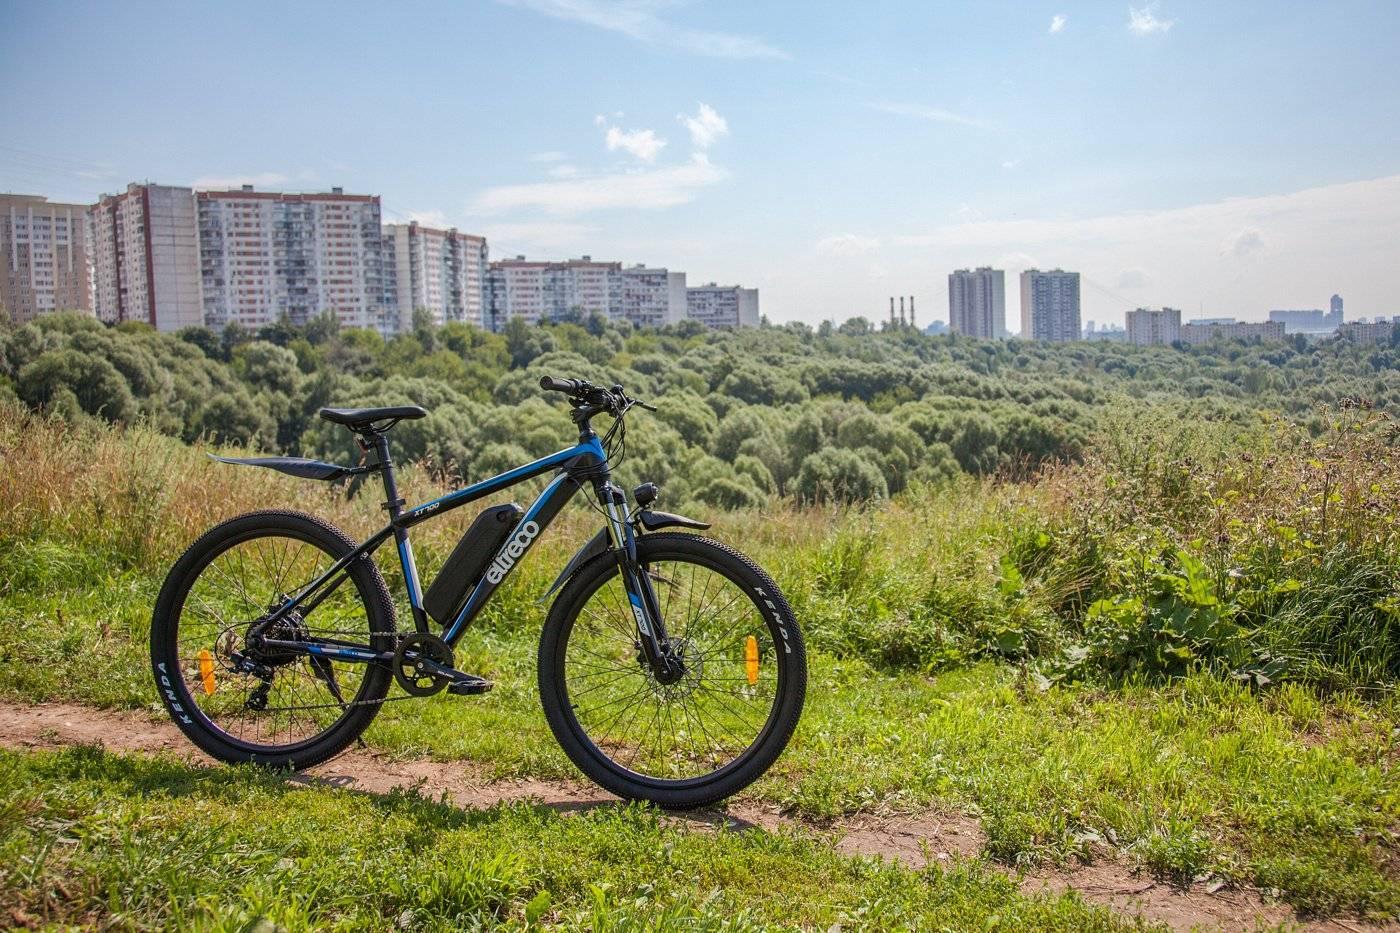 Велогибрид Eltreco XT700 350W, 010833-1855, фото 9